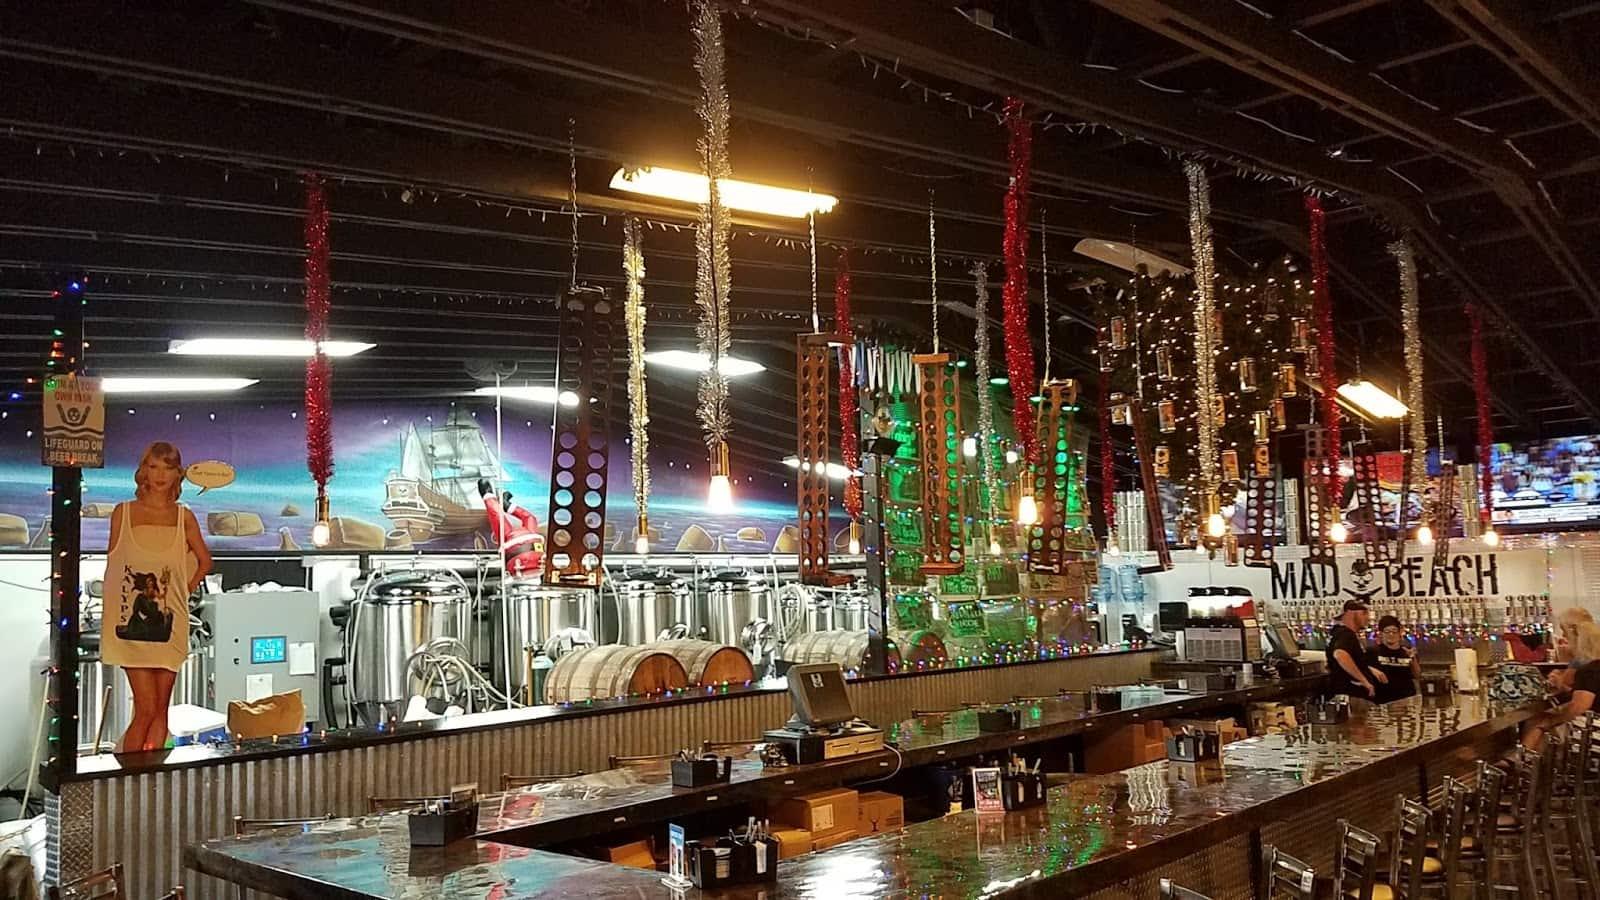 Melhores cervejarias em São Petersburgo e região